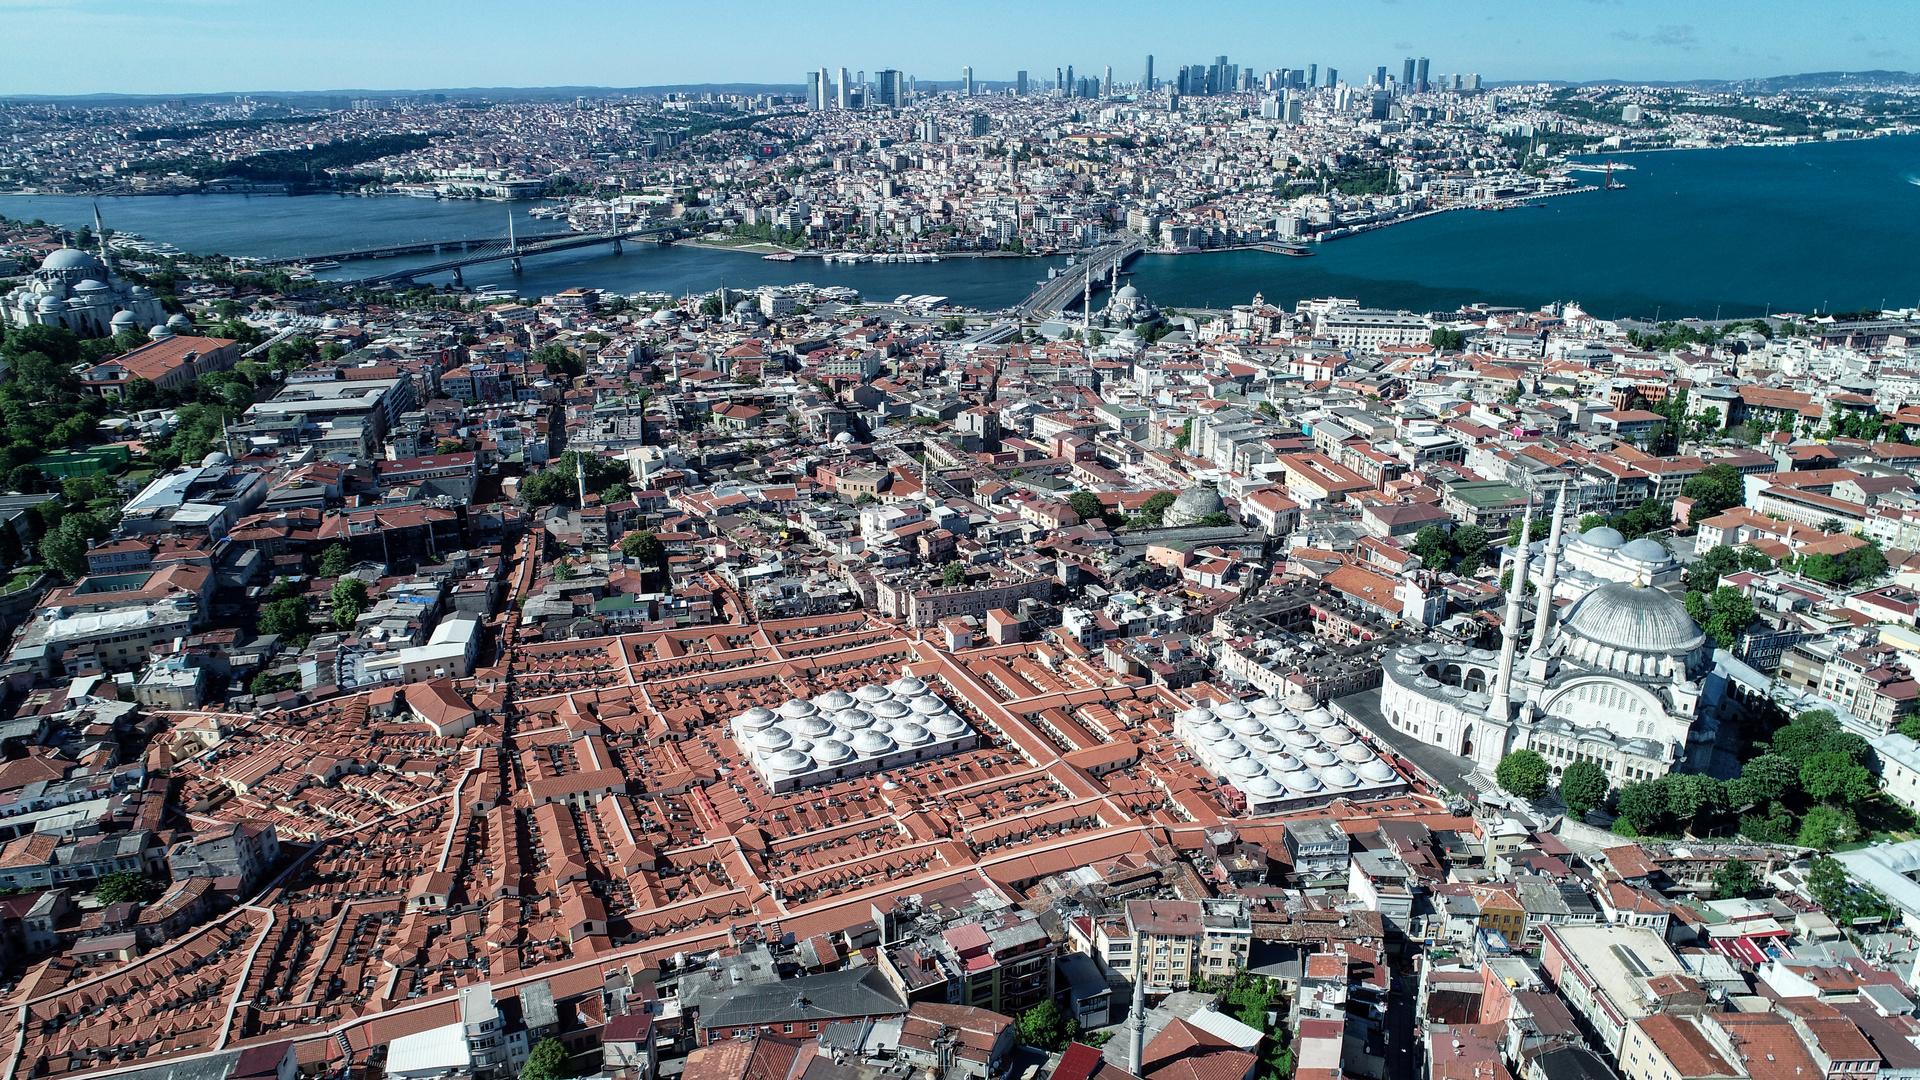 أنقرة تنتقد بشدة تصريحات يونانية مسيئة لتركيا